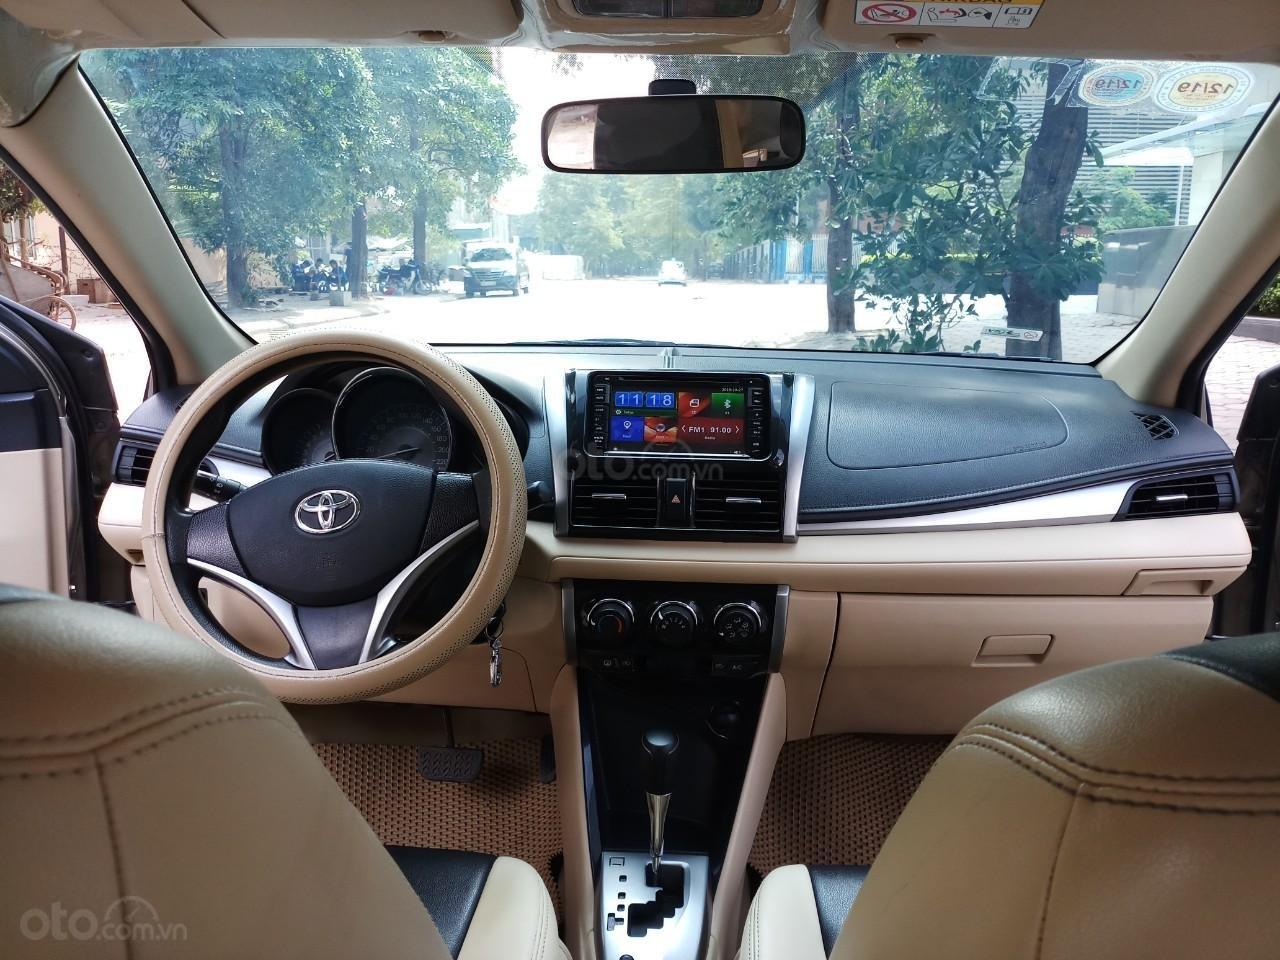 Ô Tô Thủ Đô bán xe Toyota Vios 1.5 At SX 2016, màu ghi vàng 459 triệu (7)